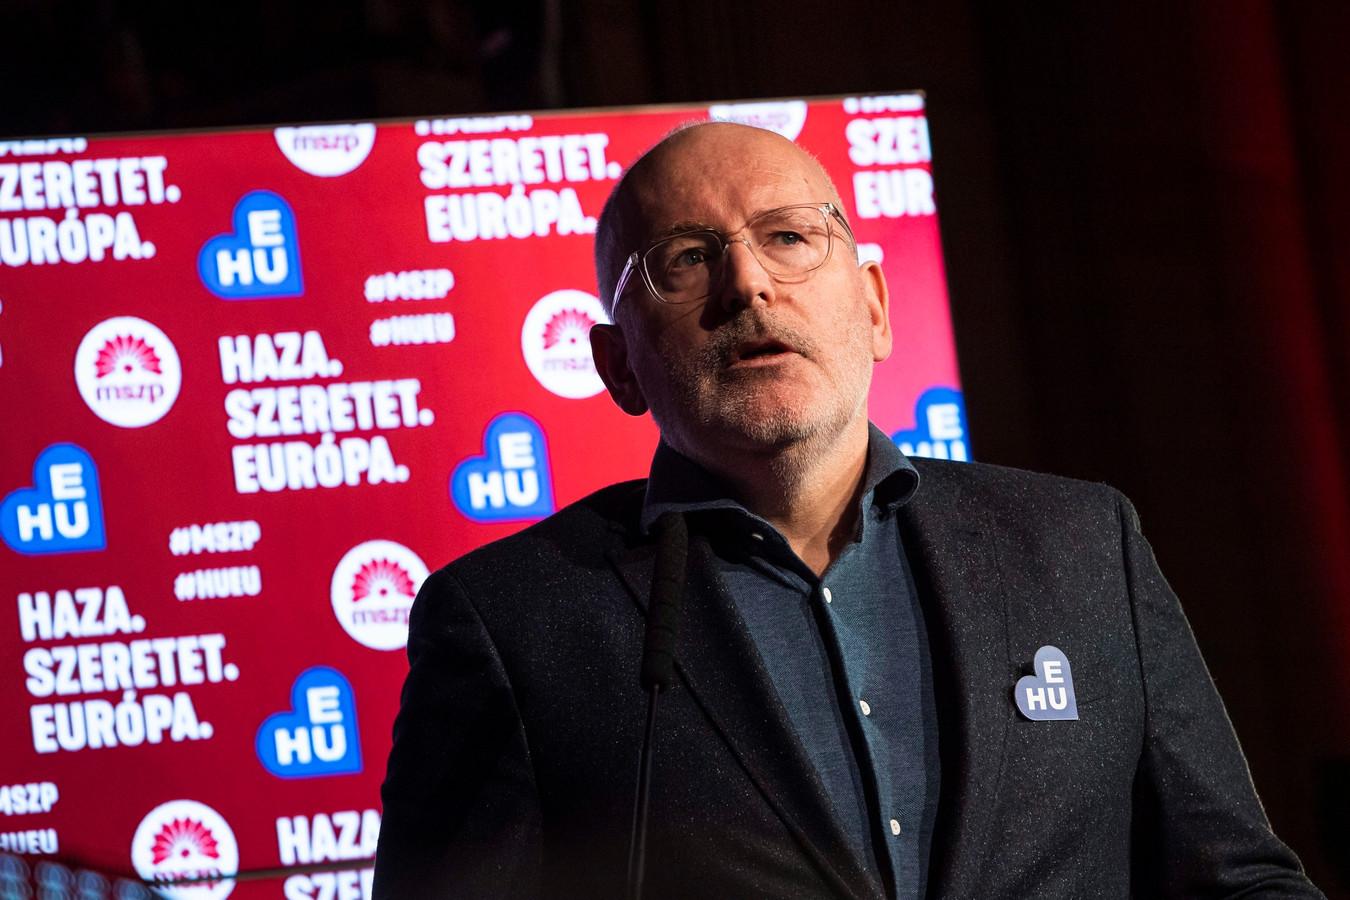 Frans Timmermans speecht tijdens het congres van de Hongaarse Socialistische partij in Boedapest